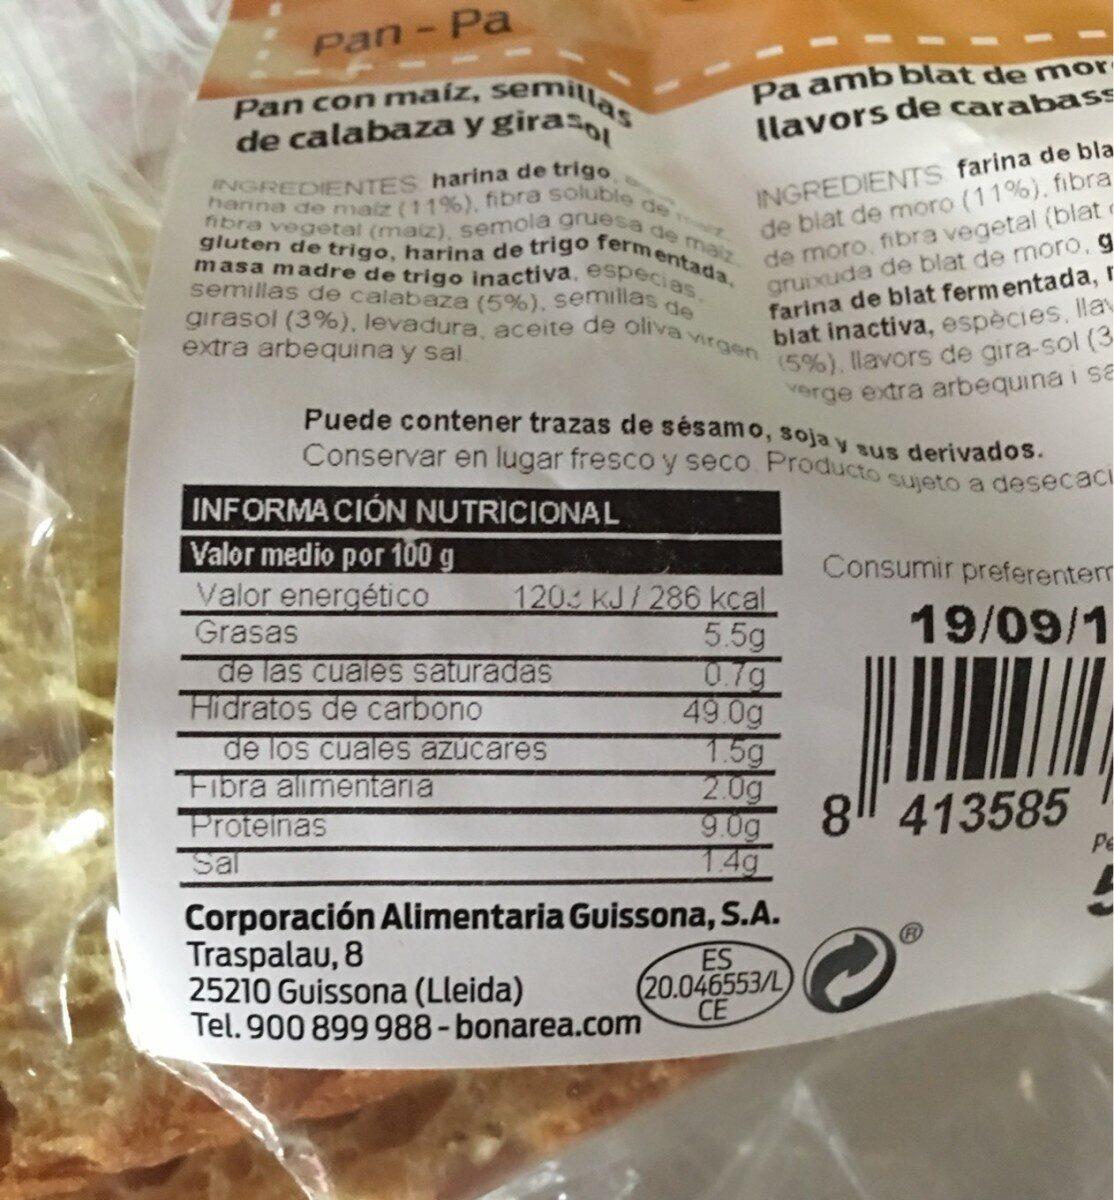 Pan connmaíz, semillas de calabaza y girasol - Nutrition facts